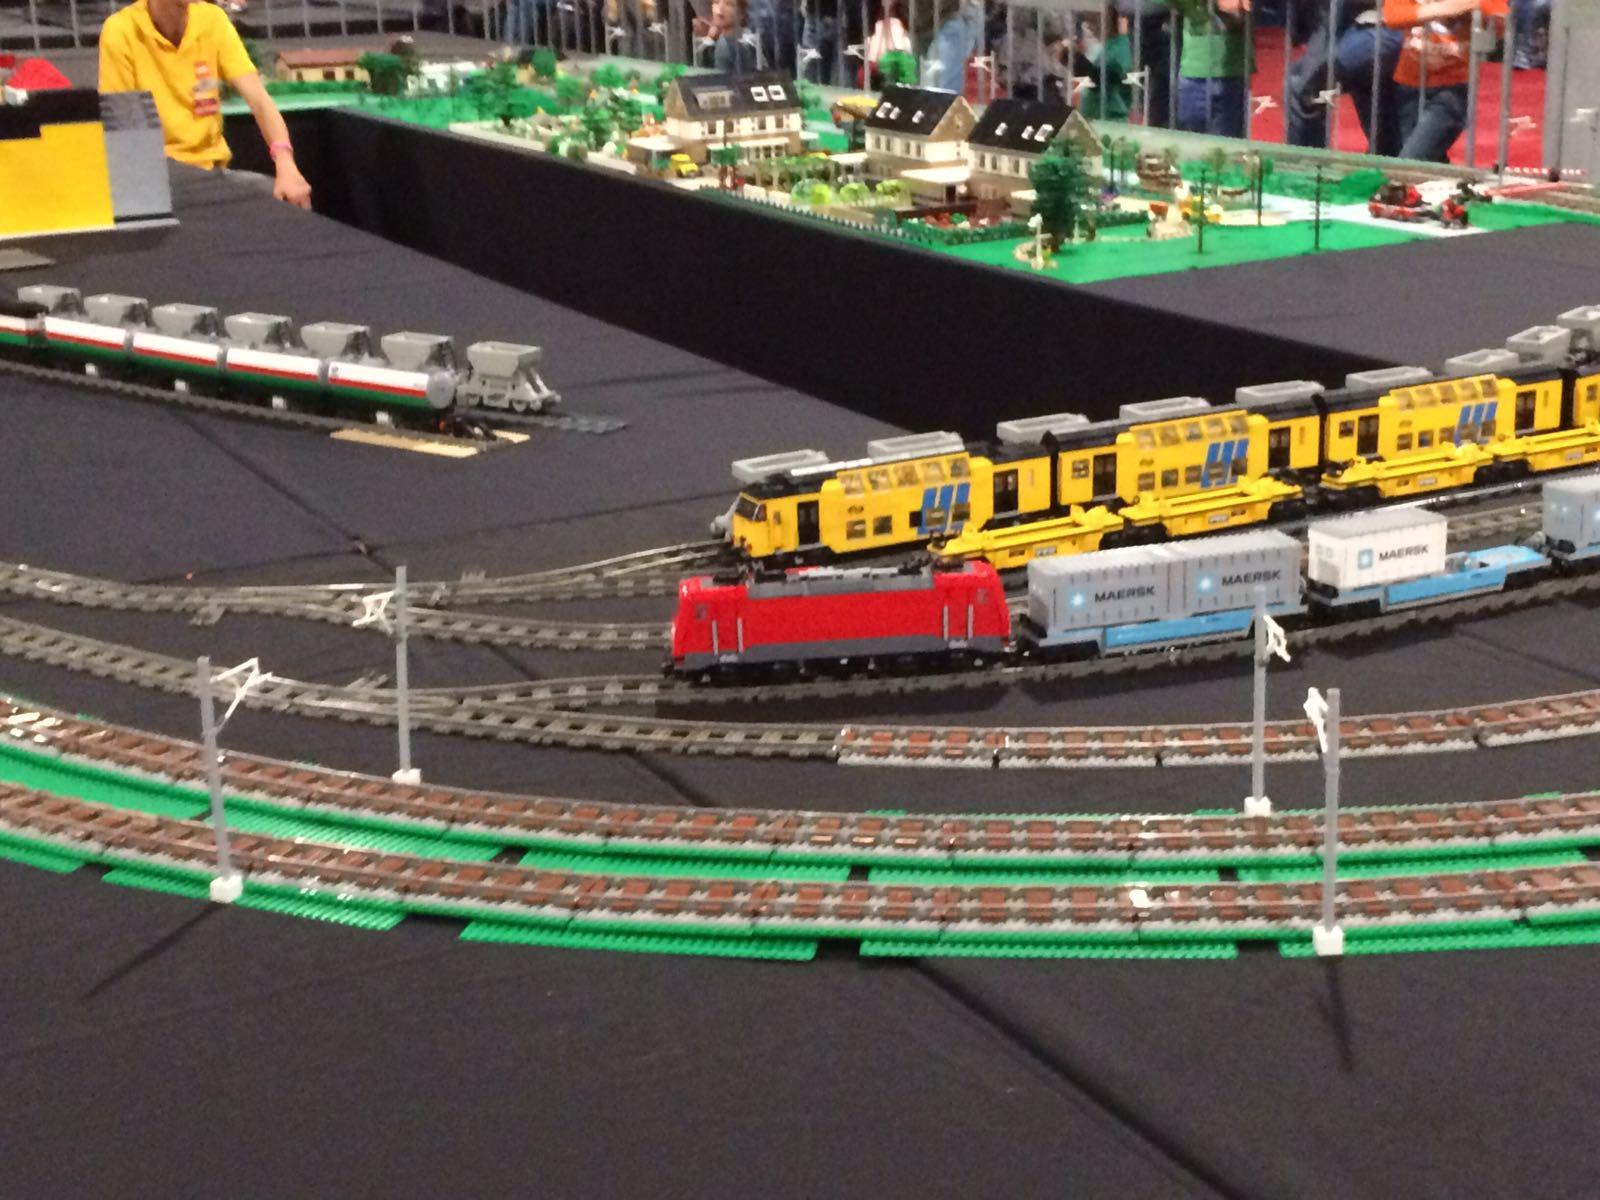 11-17-legoworld-legoland-lego-beurs-vaders-moeders-jongens-bouwen-evenement-vakantie-jaarbeurs-kinderen-activiteit-familie-nanny-moeder-amsterdam-trein